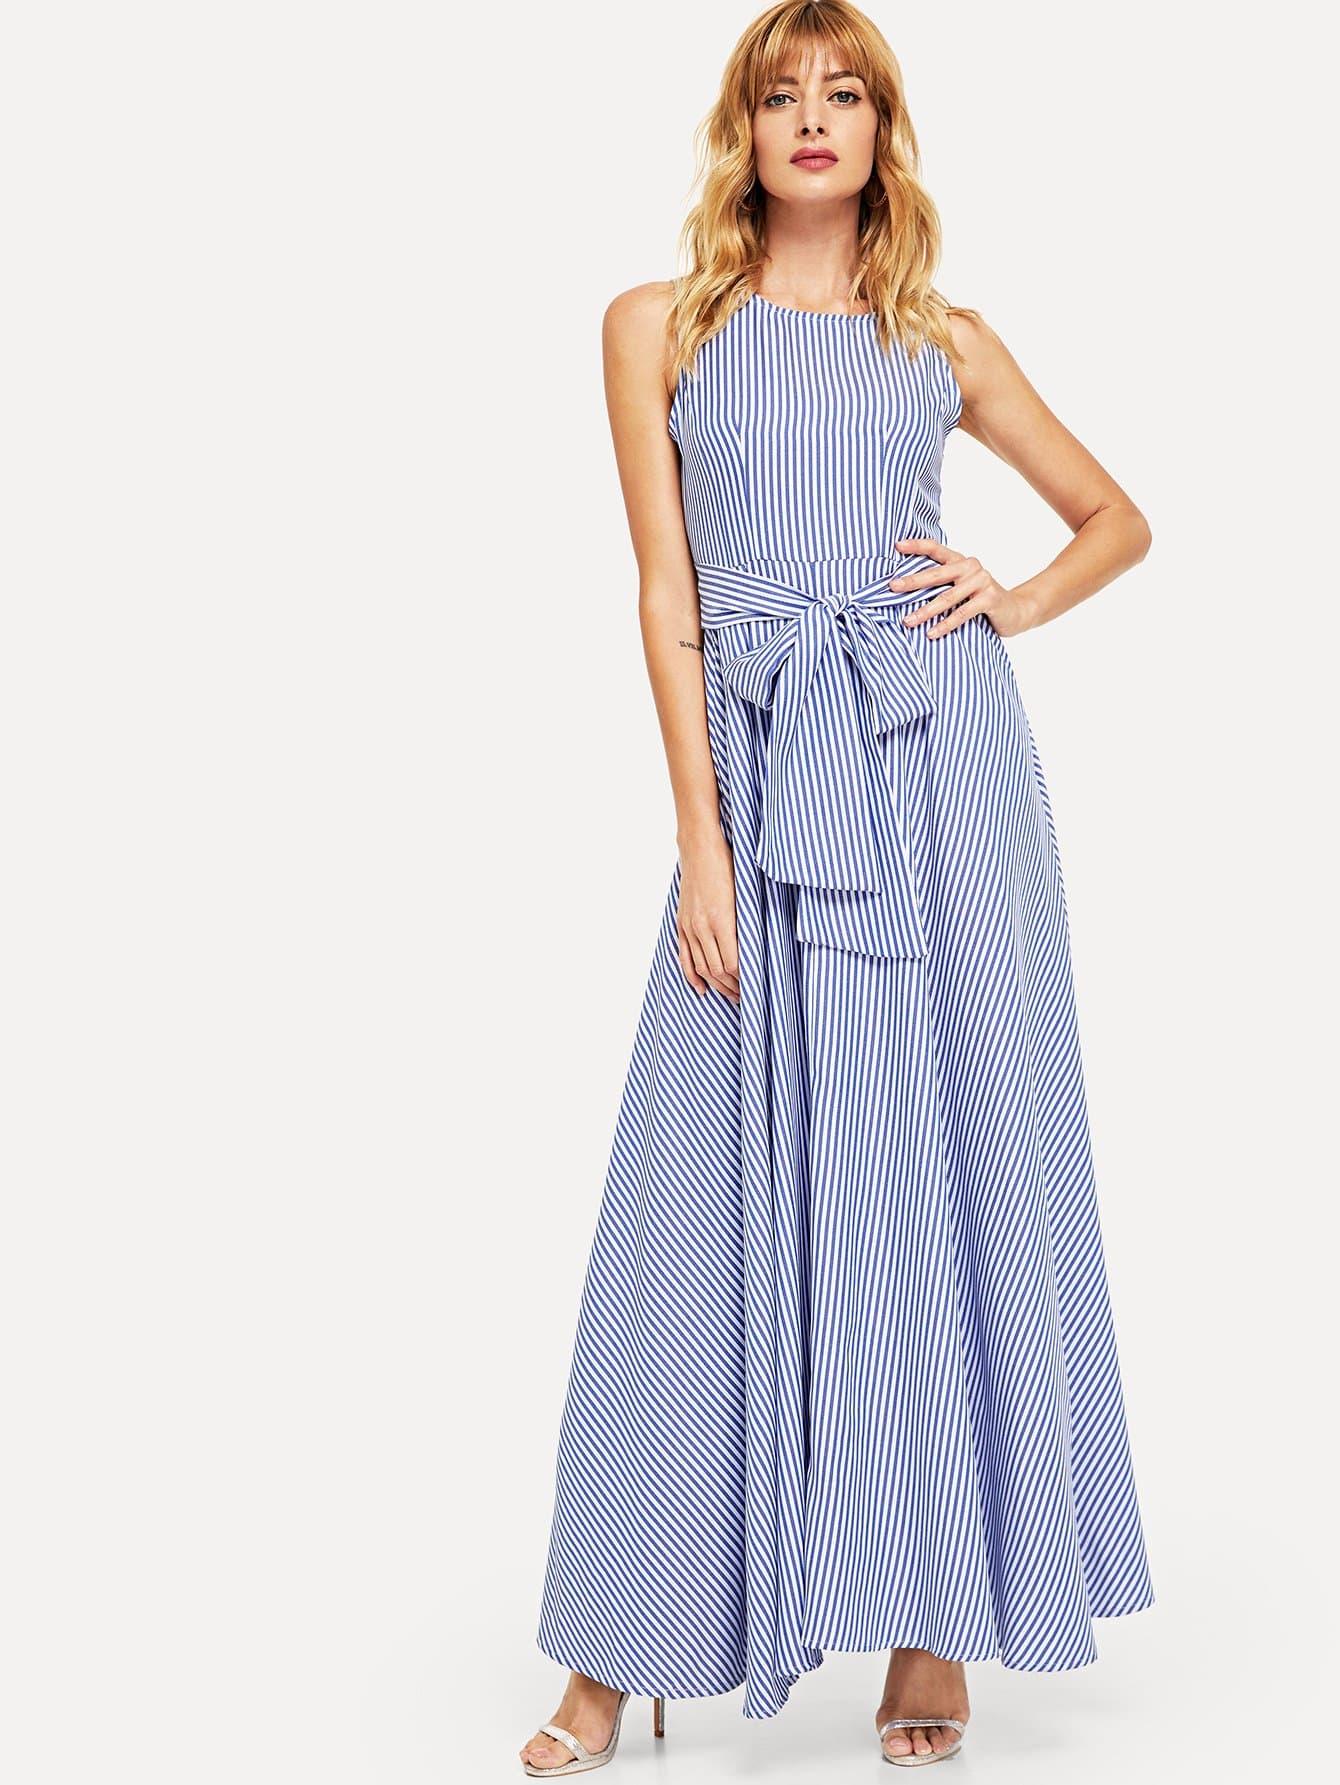 Купить Платье с полосатой талией, Masha, SheIn